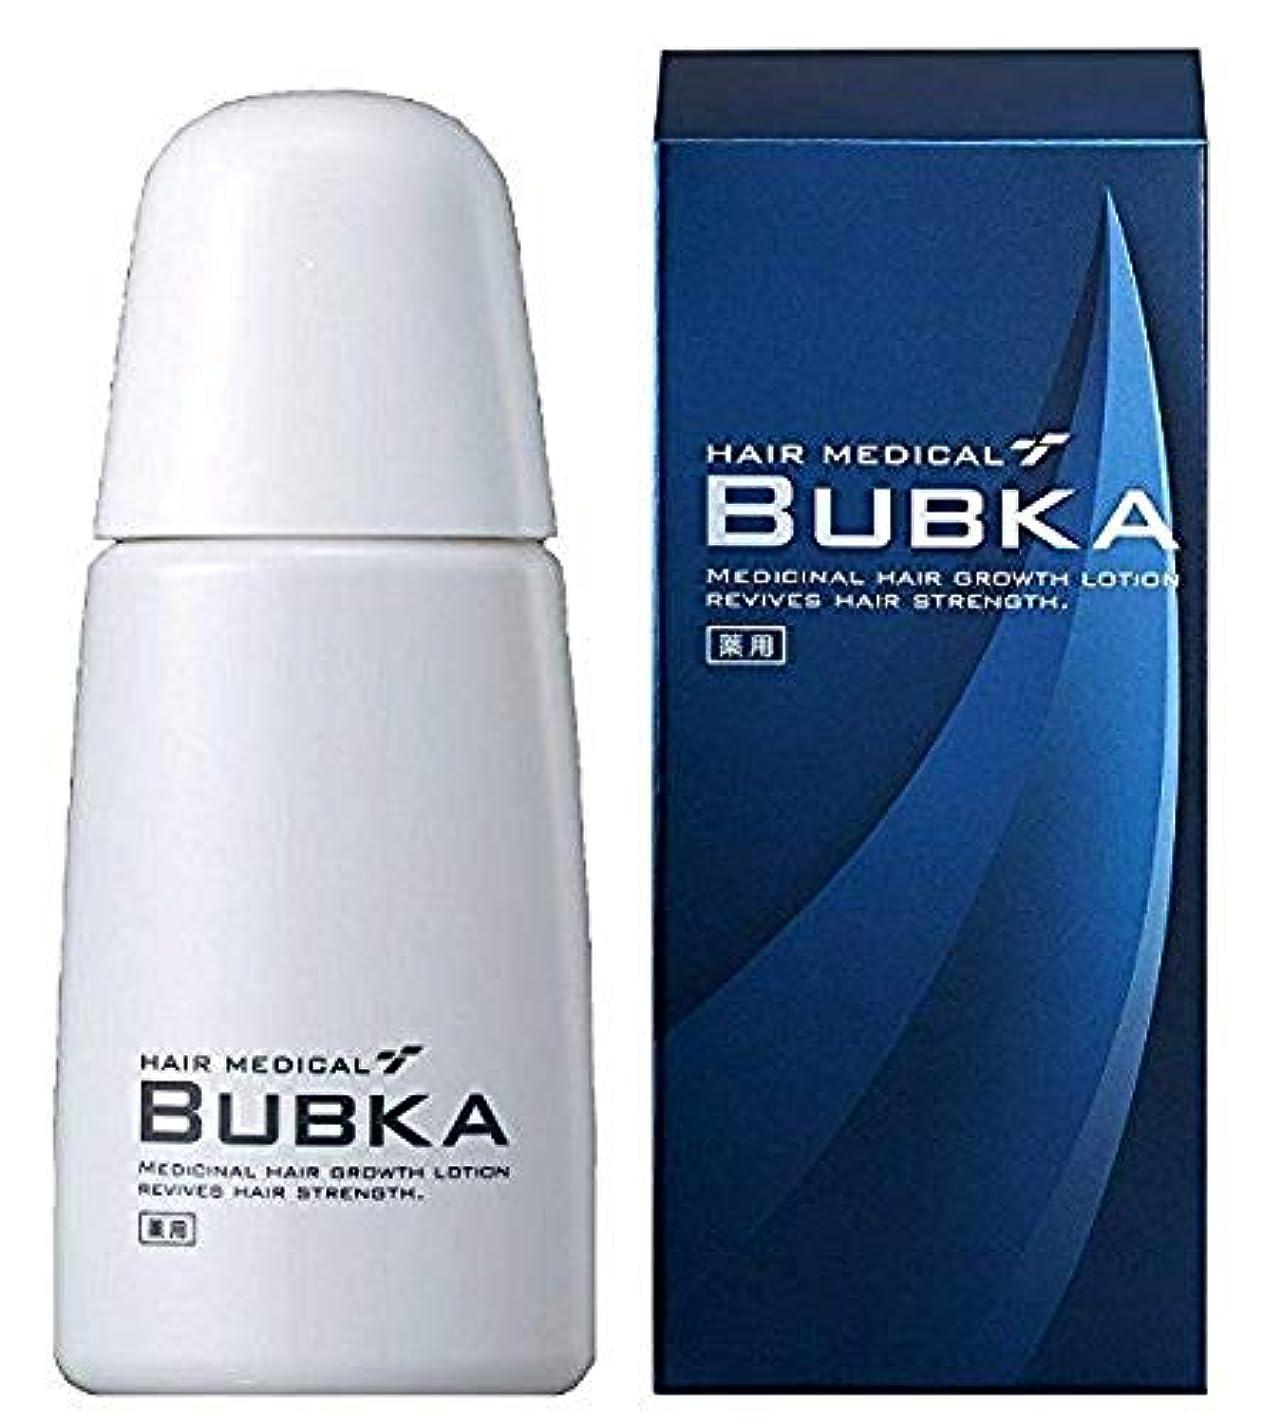 パーツ配管工うれしい【BUBKA ブブカ 】新型 濃密育毛剤 ブブカ-003M (内容量:120ml 約1ヶ月分)(医薬部外品)